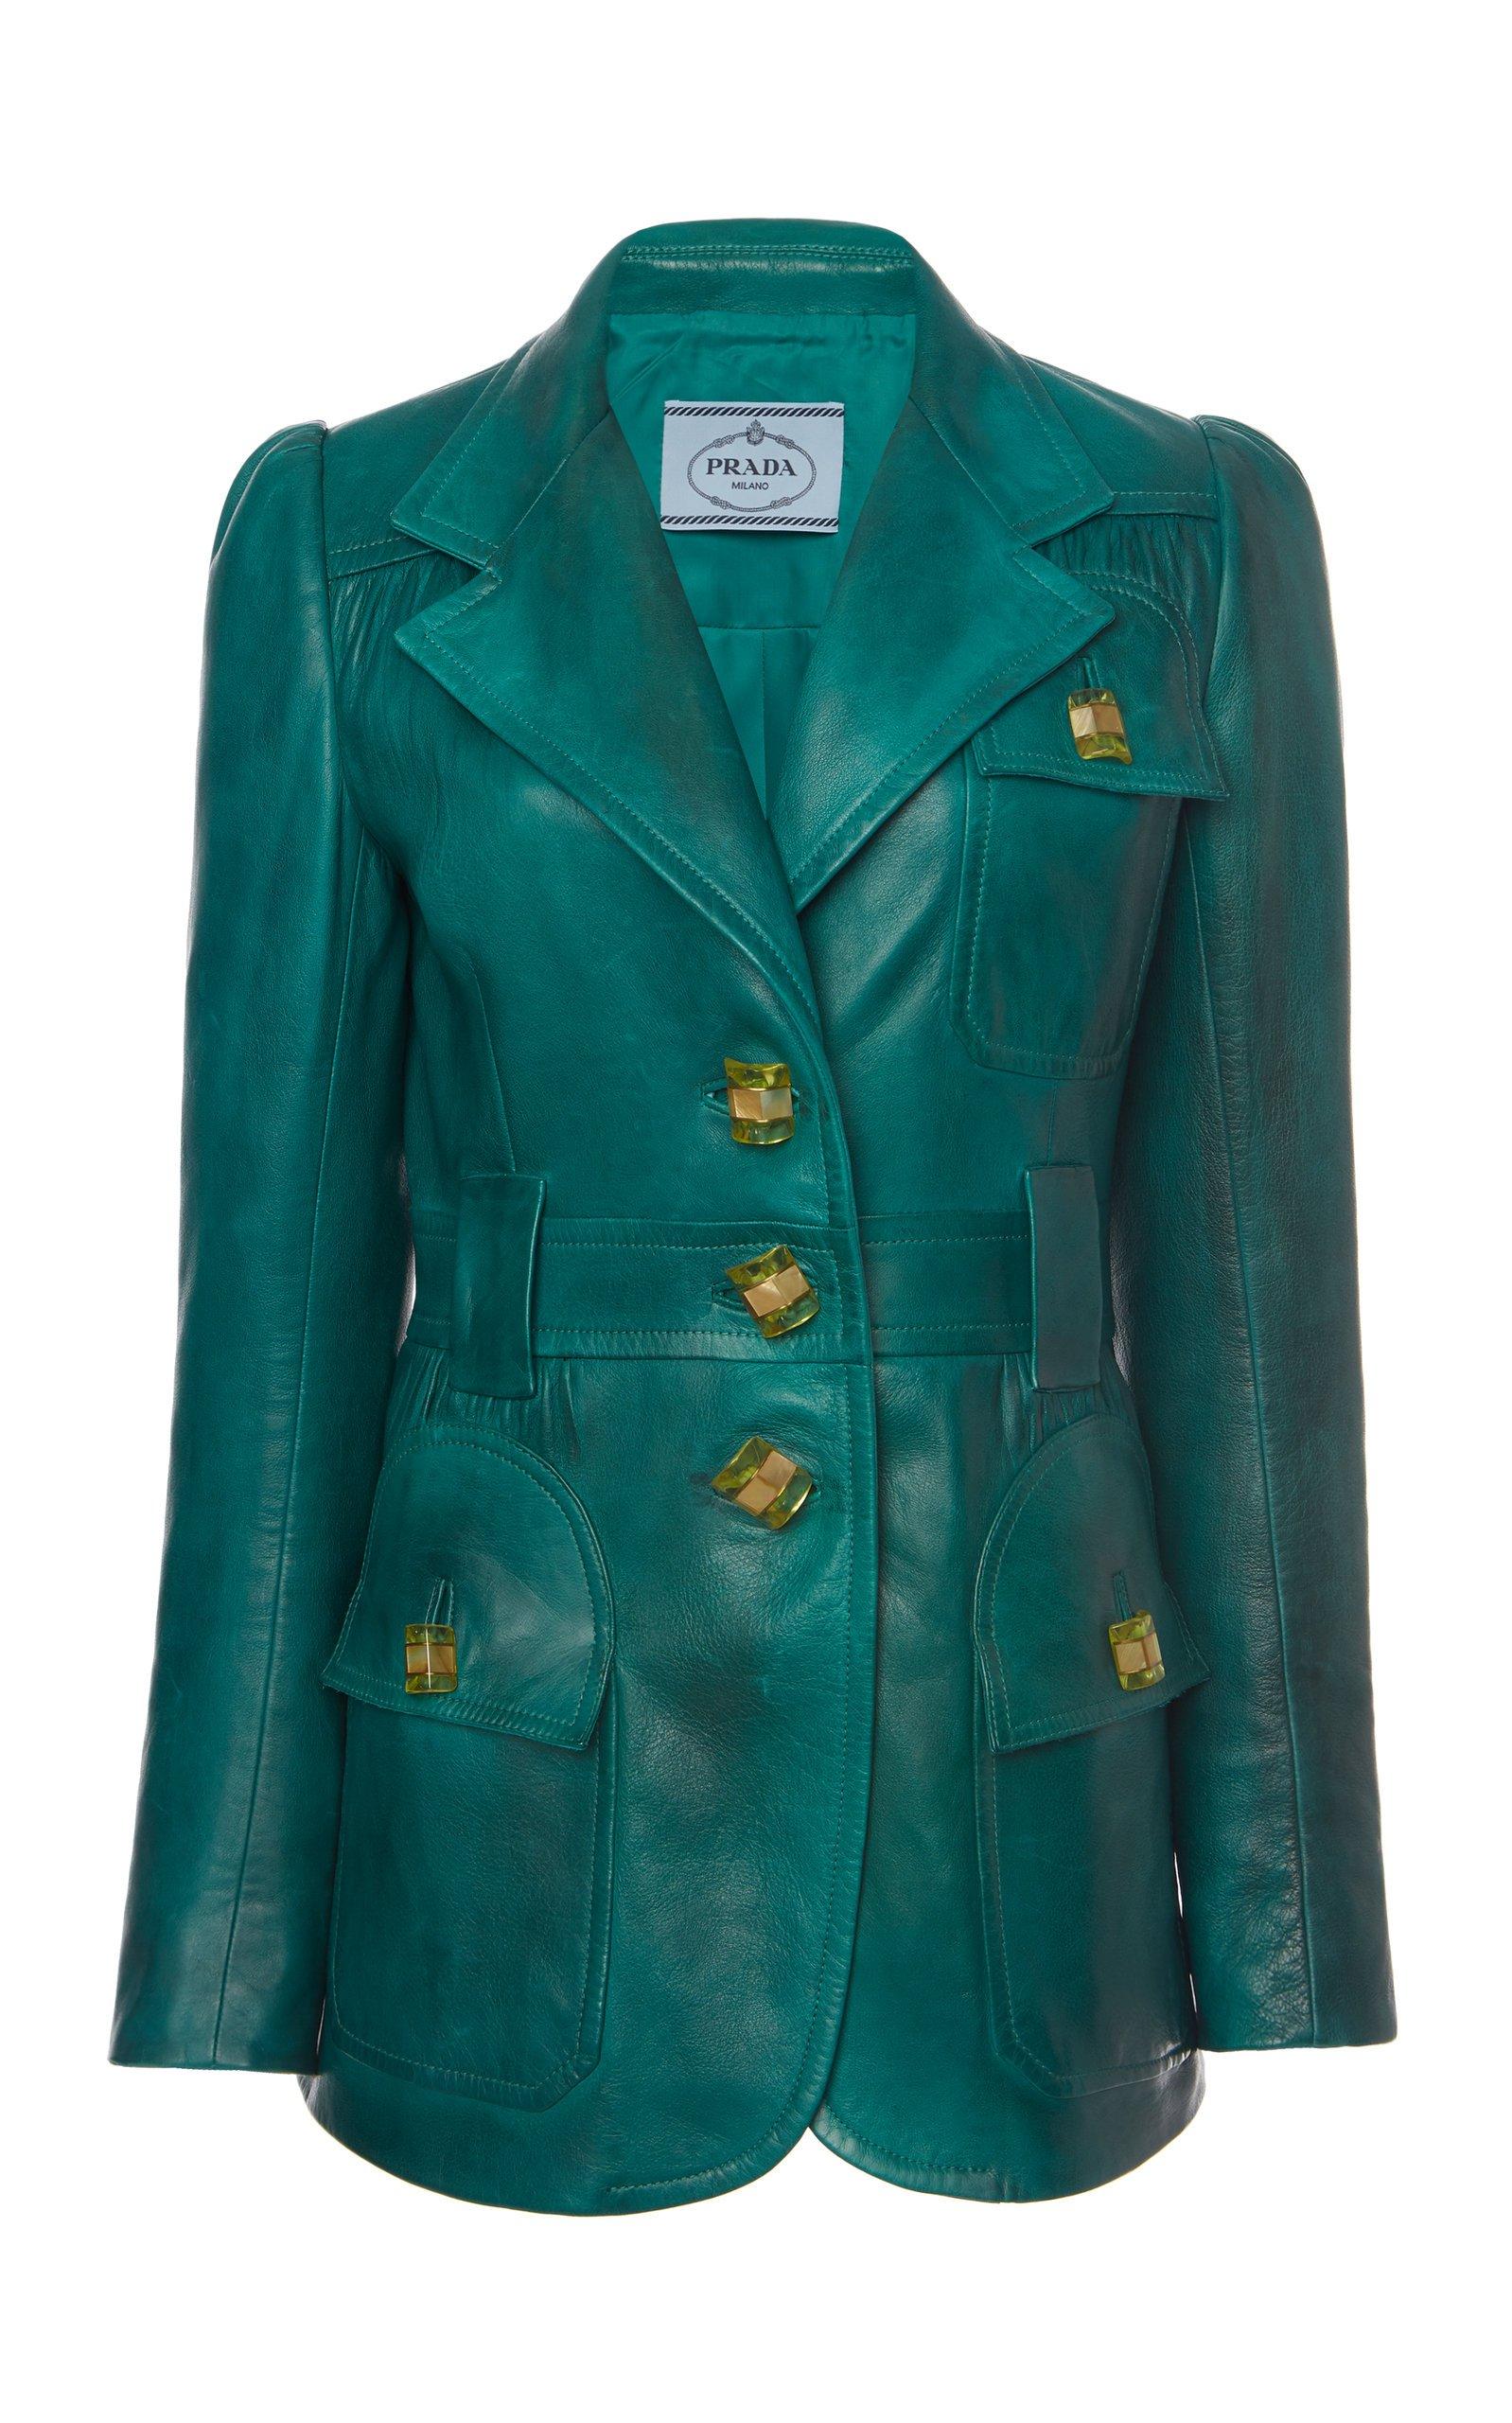 Prada Patch-Pocket Leather Blazer Size: 46